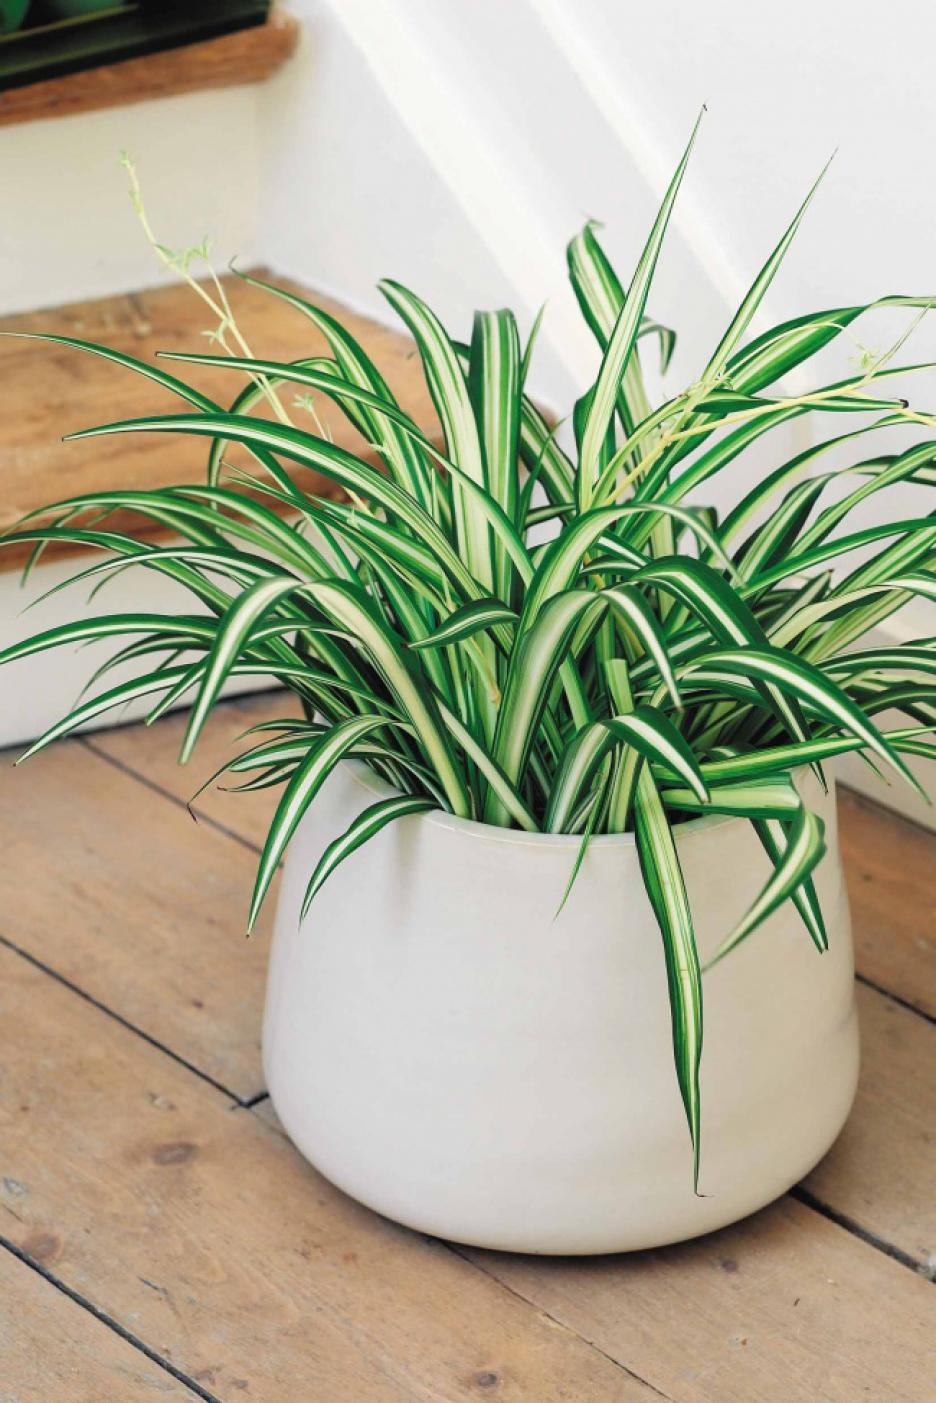 10 n tzliche pflanzen sorgen f r frische luft in ihrem zuhause. Black Bedroom Furniture Sets. Home Design Ideas